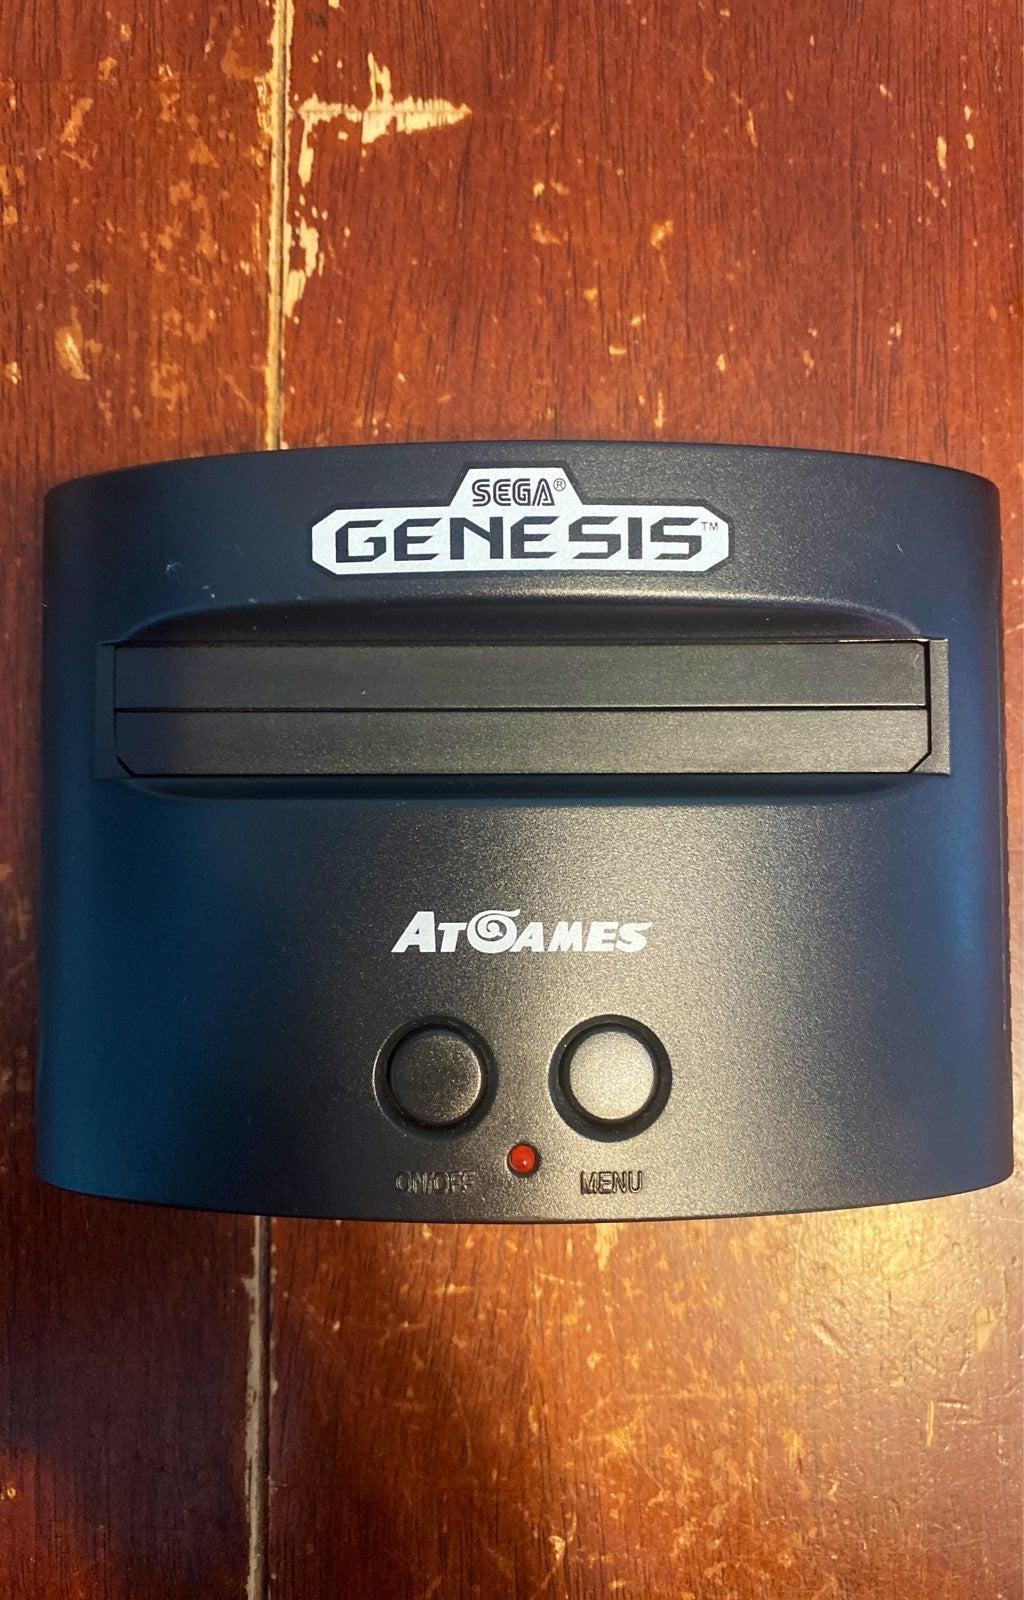 Sega Genesis Classic Console - 80+ games